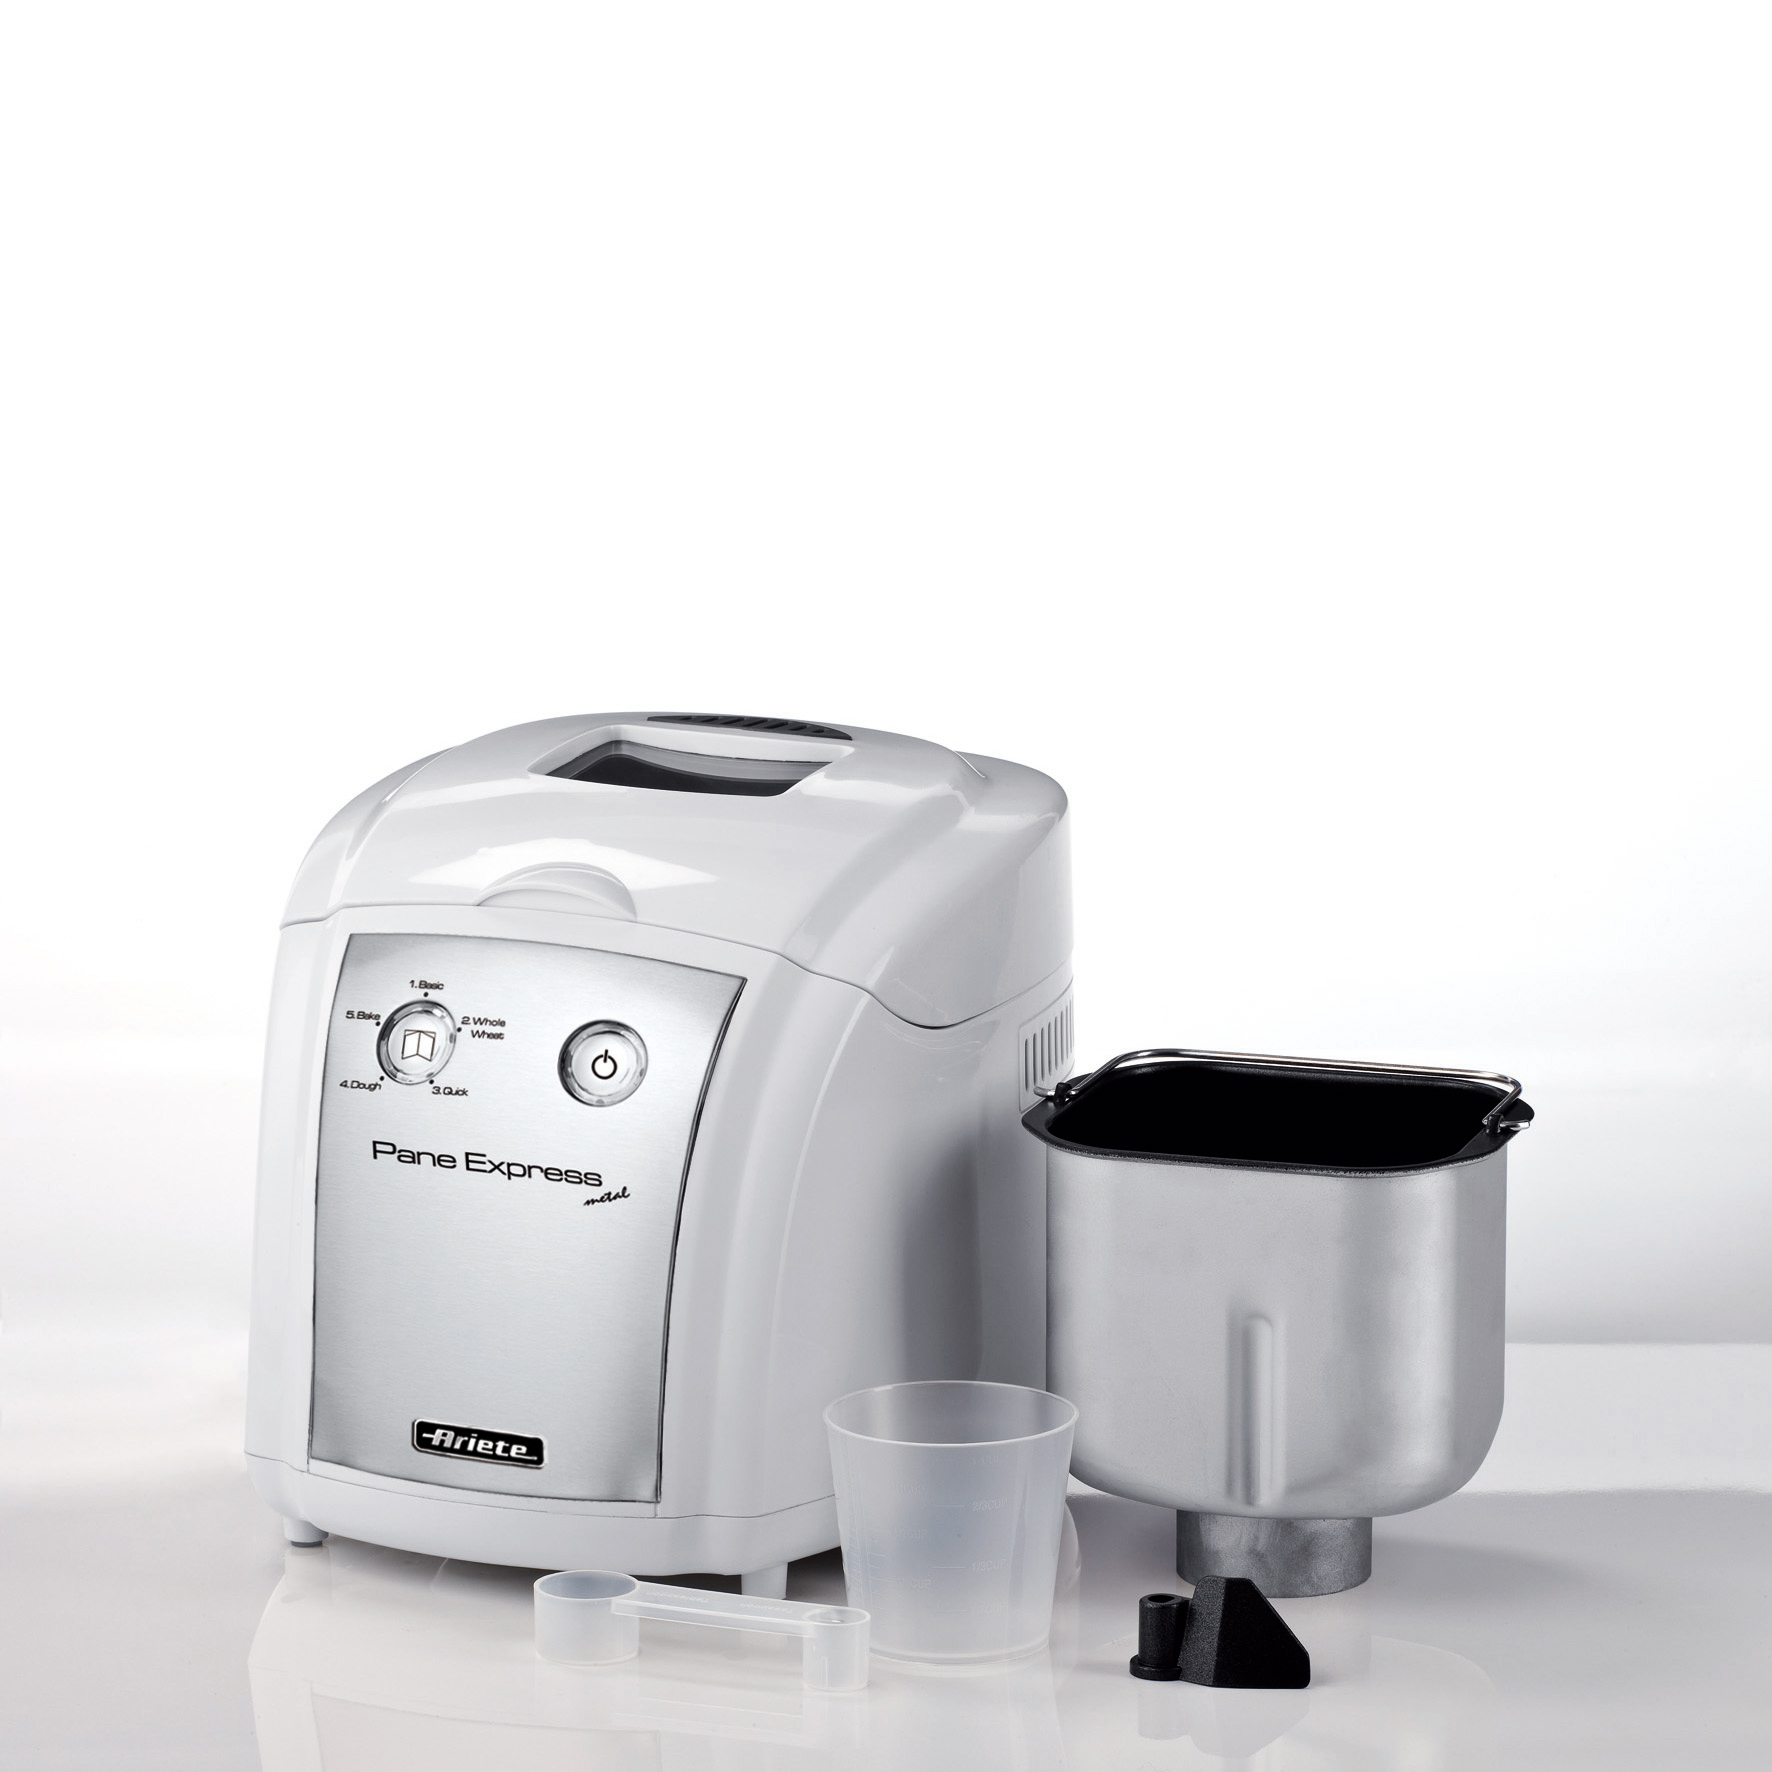 Ariete 125 pane express metal macchina del pane for Ariete elettrodomestici